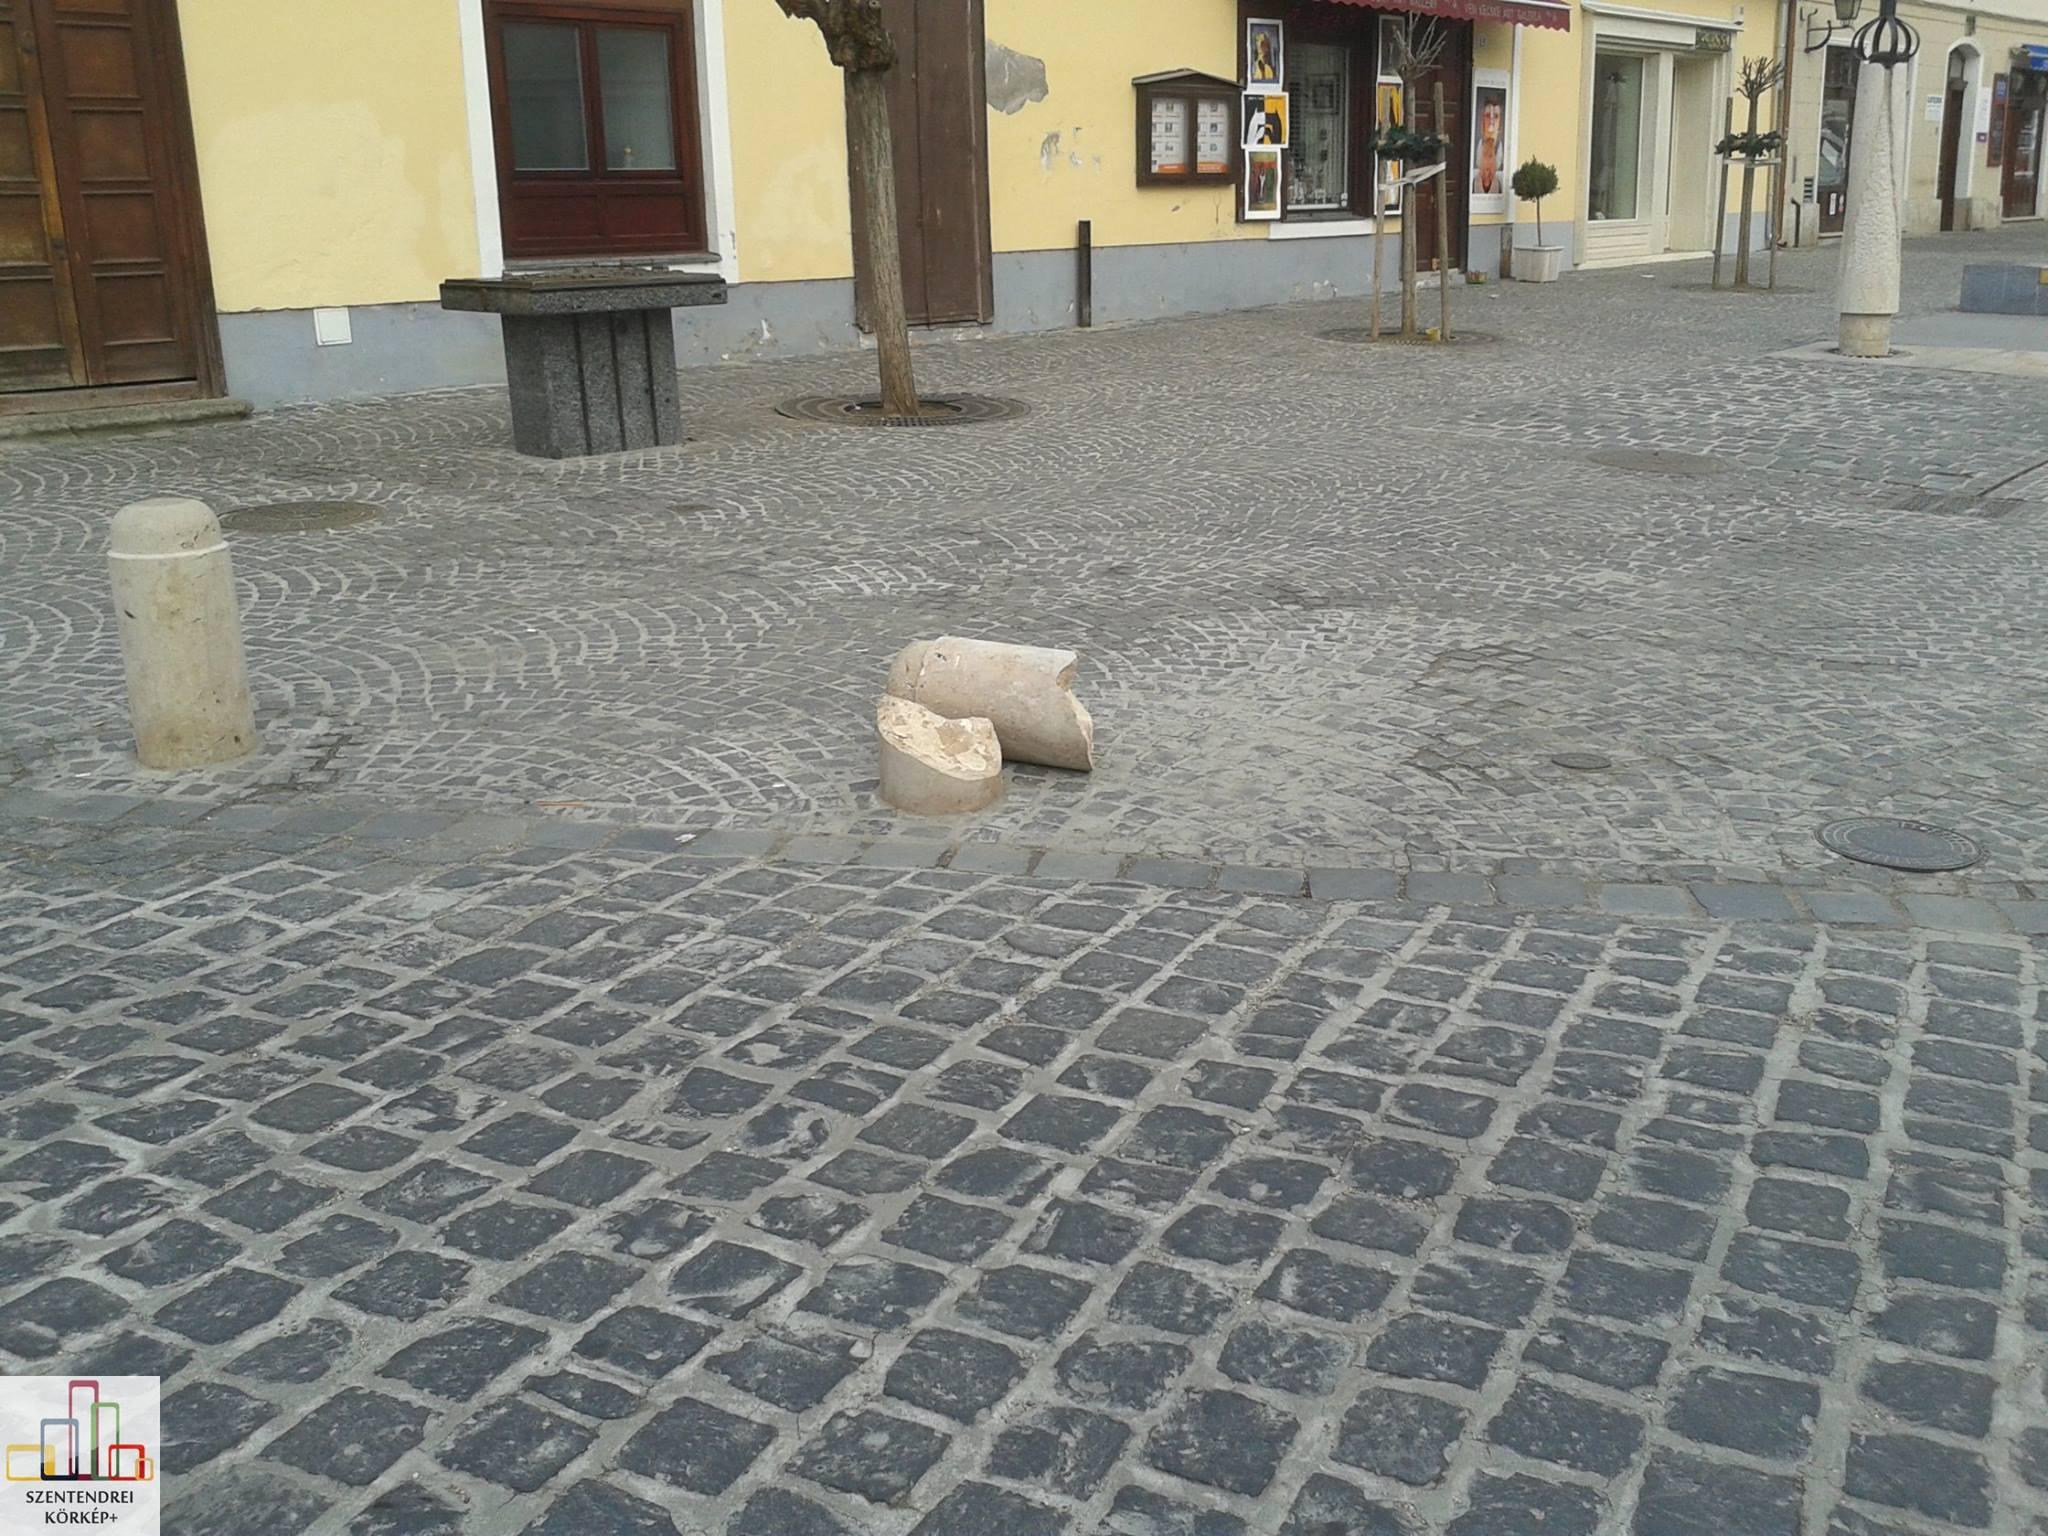 Kidöntöttek egy kőoszlopot a belvárosban